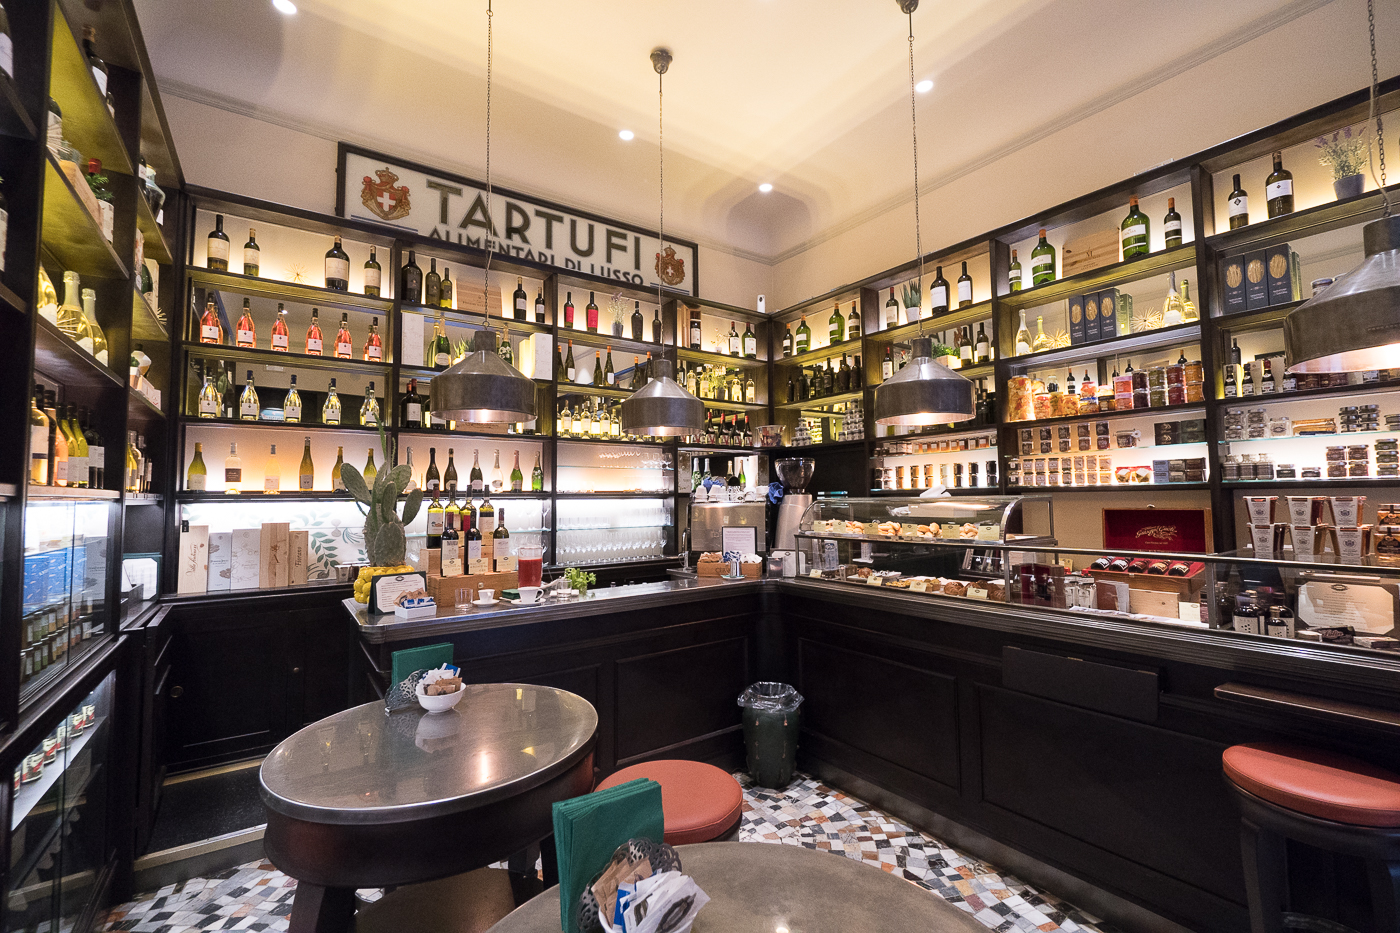 Intérieur de la boutique Procacci Tartufi Alimentari di Lusso - Truffe